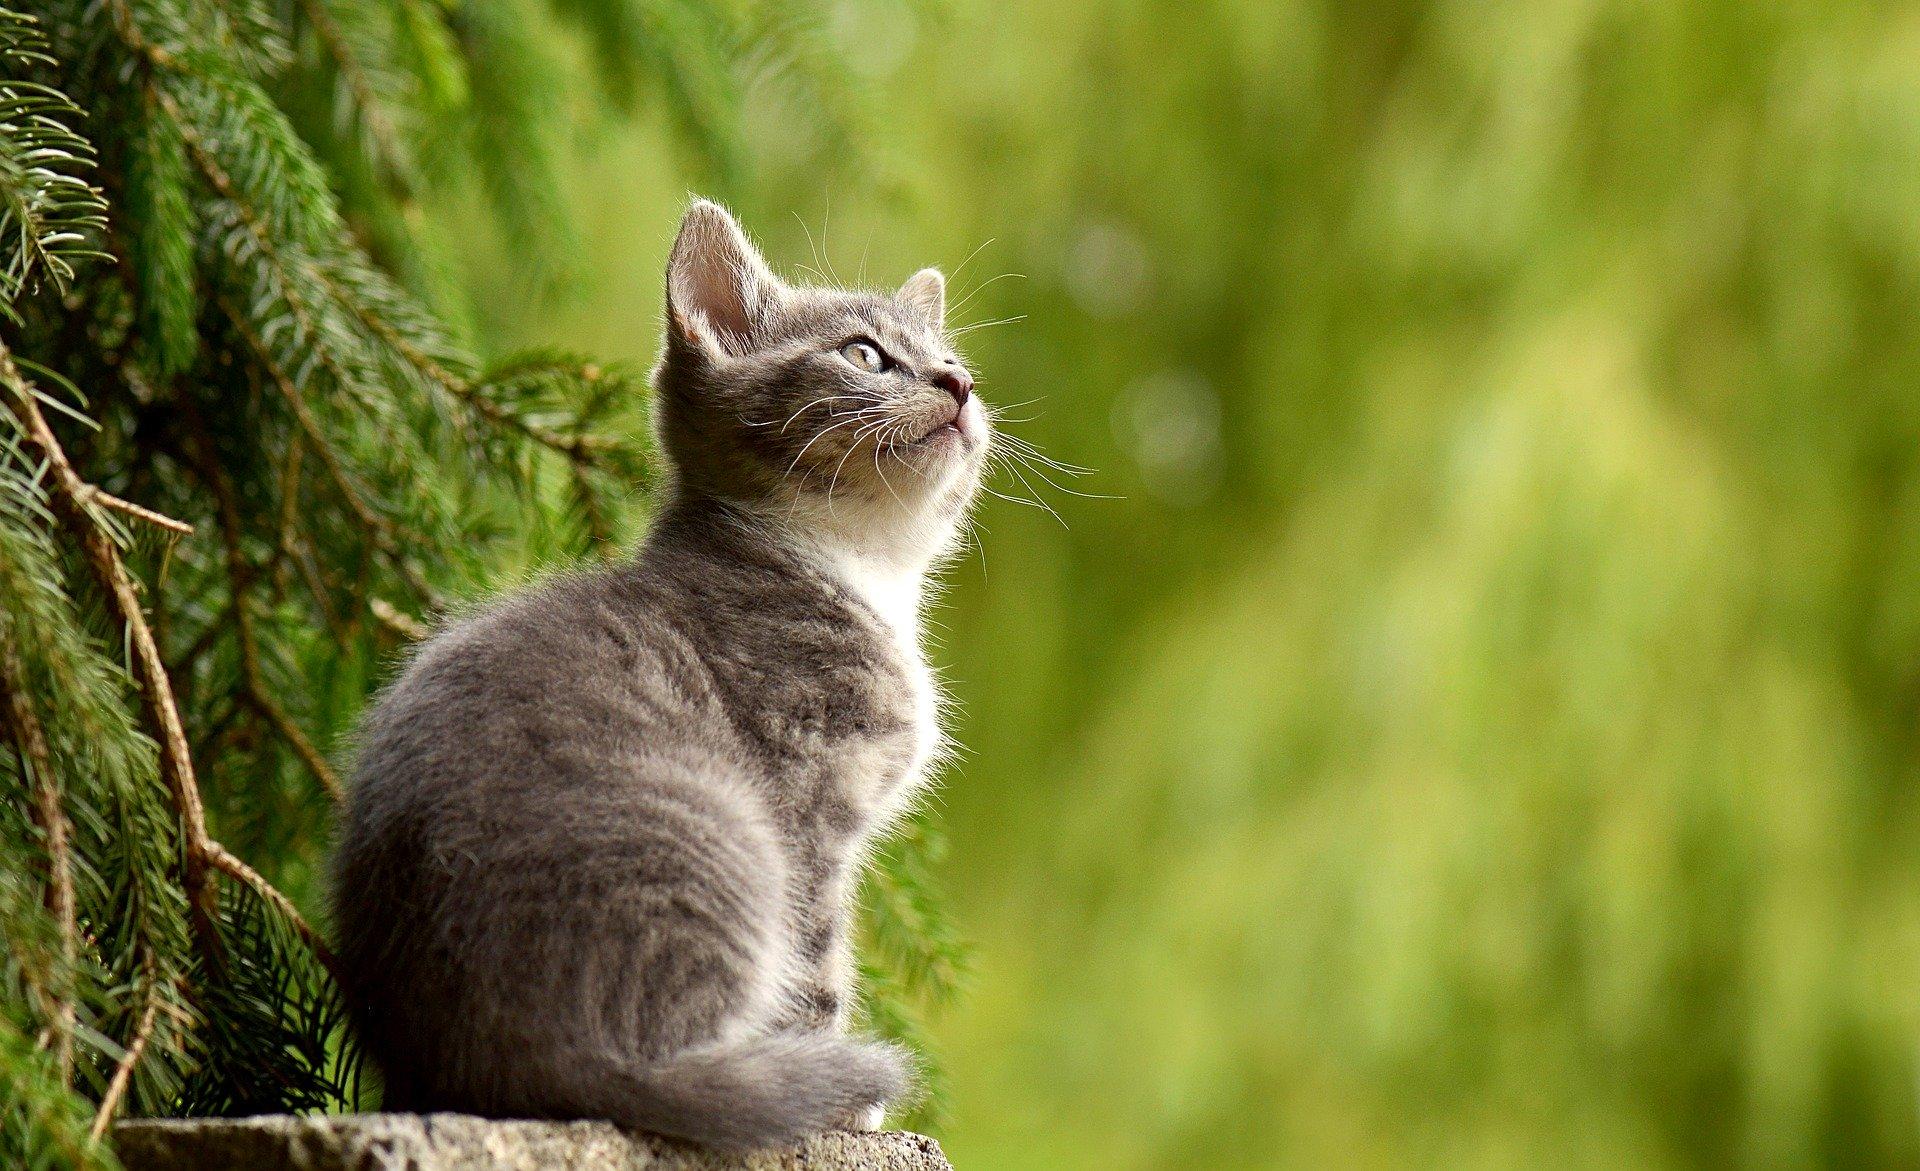 ペットくすりでのノミ•マダニ駆除薬って結局何が一番いいの?(猫編)